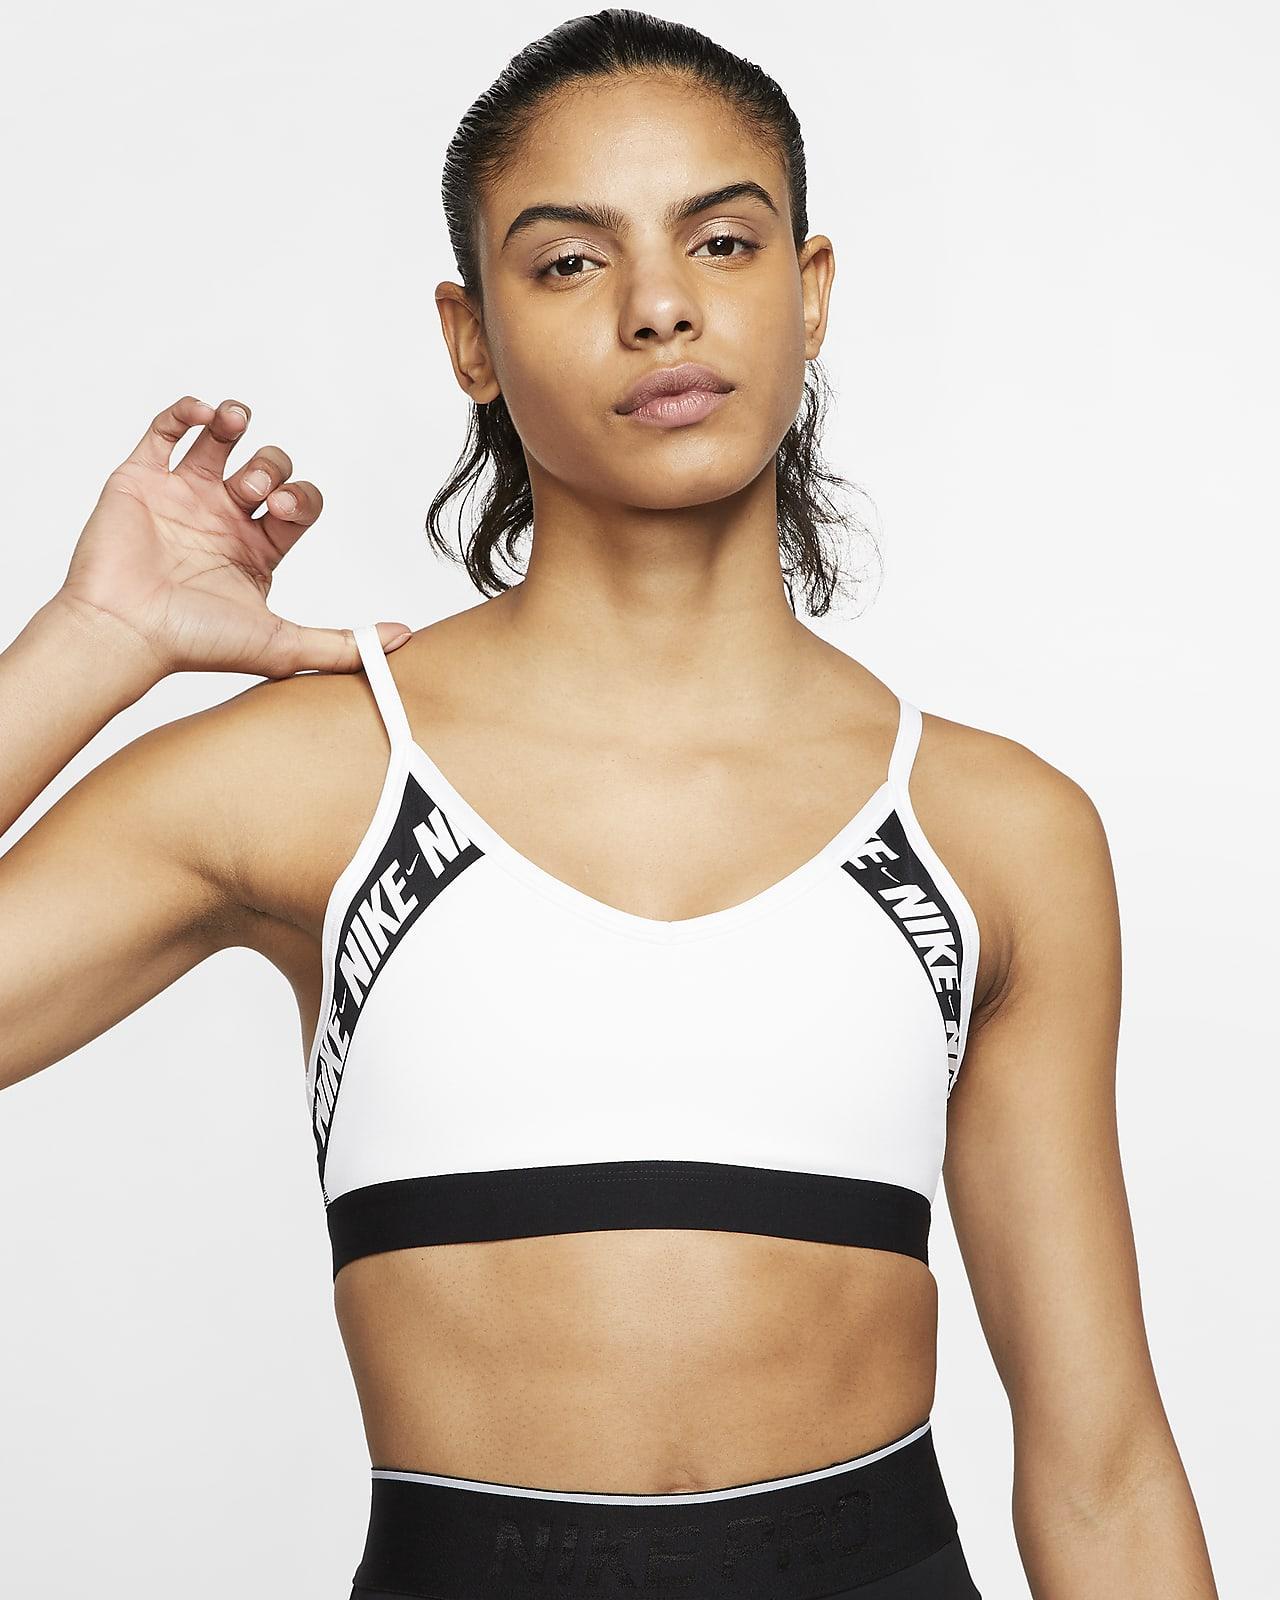 Αθλητικός στηθόδεσμος ελαφριάς στήριξης με ενίσχυση και λογότυπο Nike Dri-FIT Indy